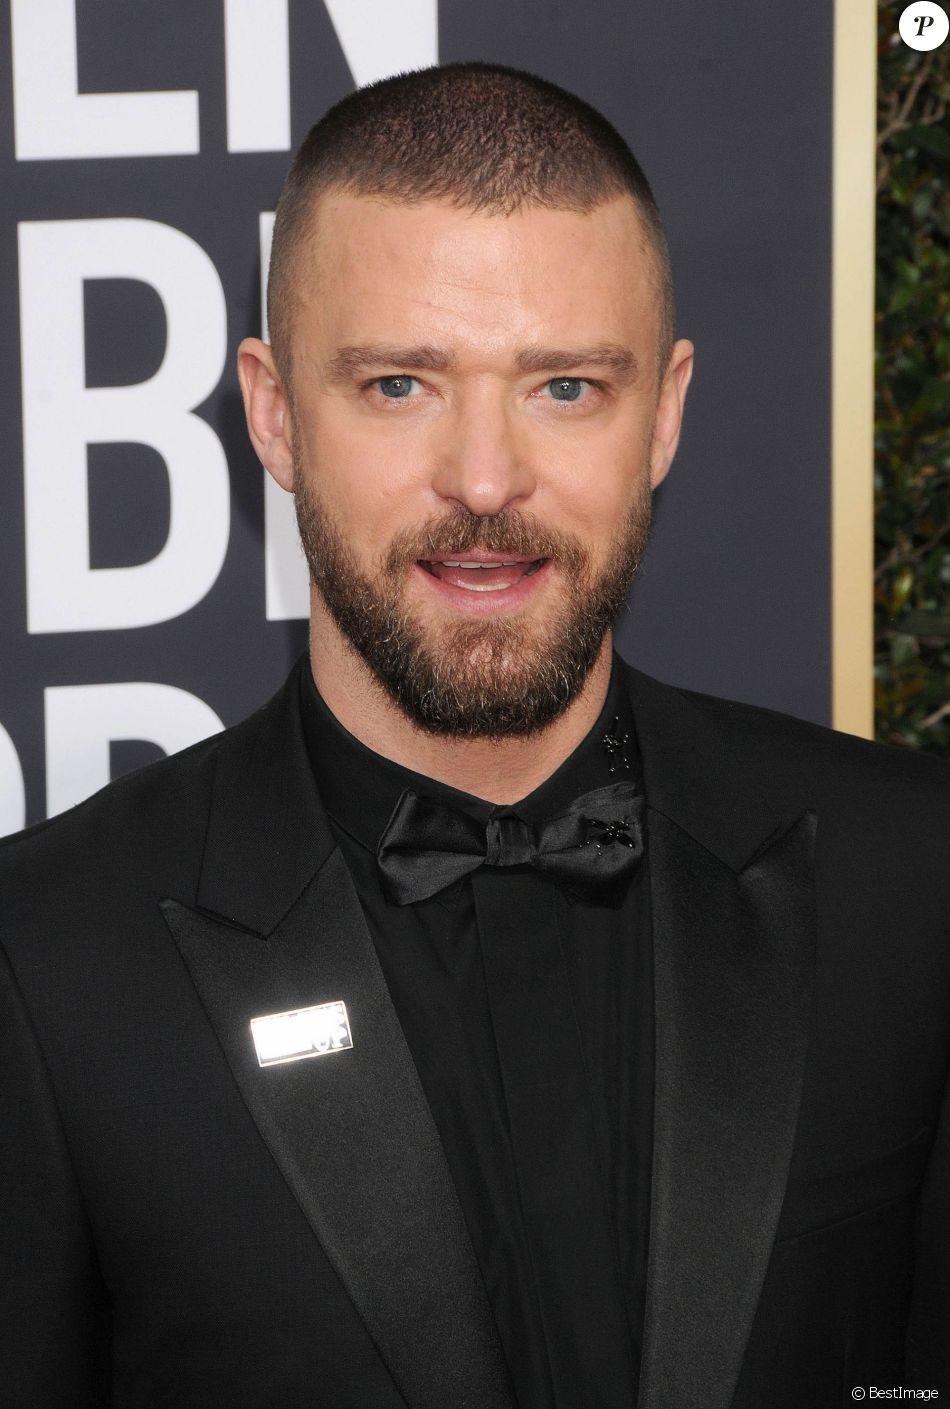 Justin Timberlake sur le tapis rouge de la 75ème cérémonie des Golden Globe Awards au Beverly Hilton à Los Angeles, le 7 janvier 2018.